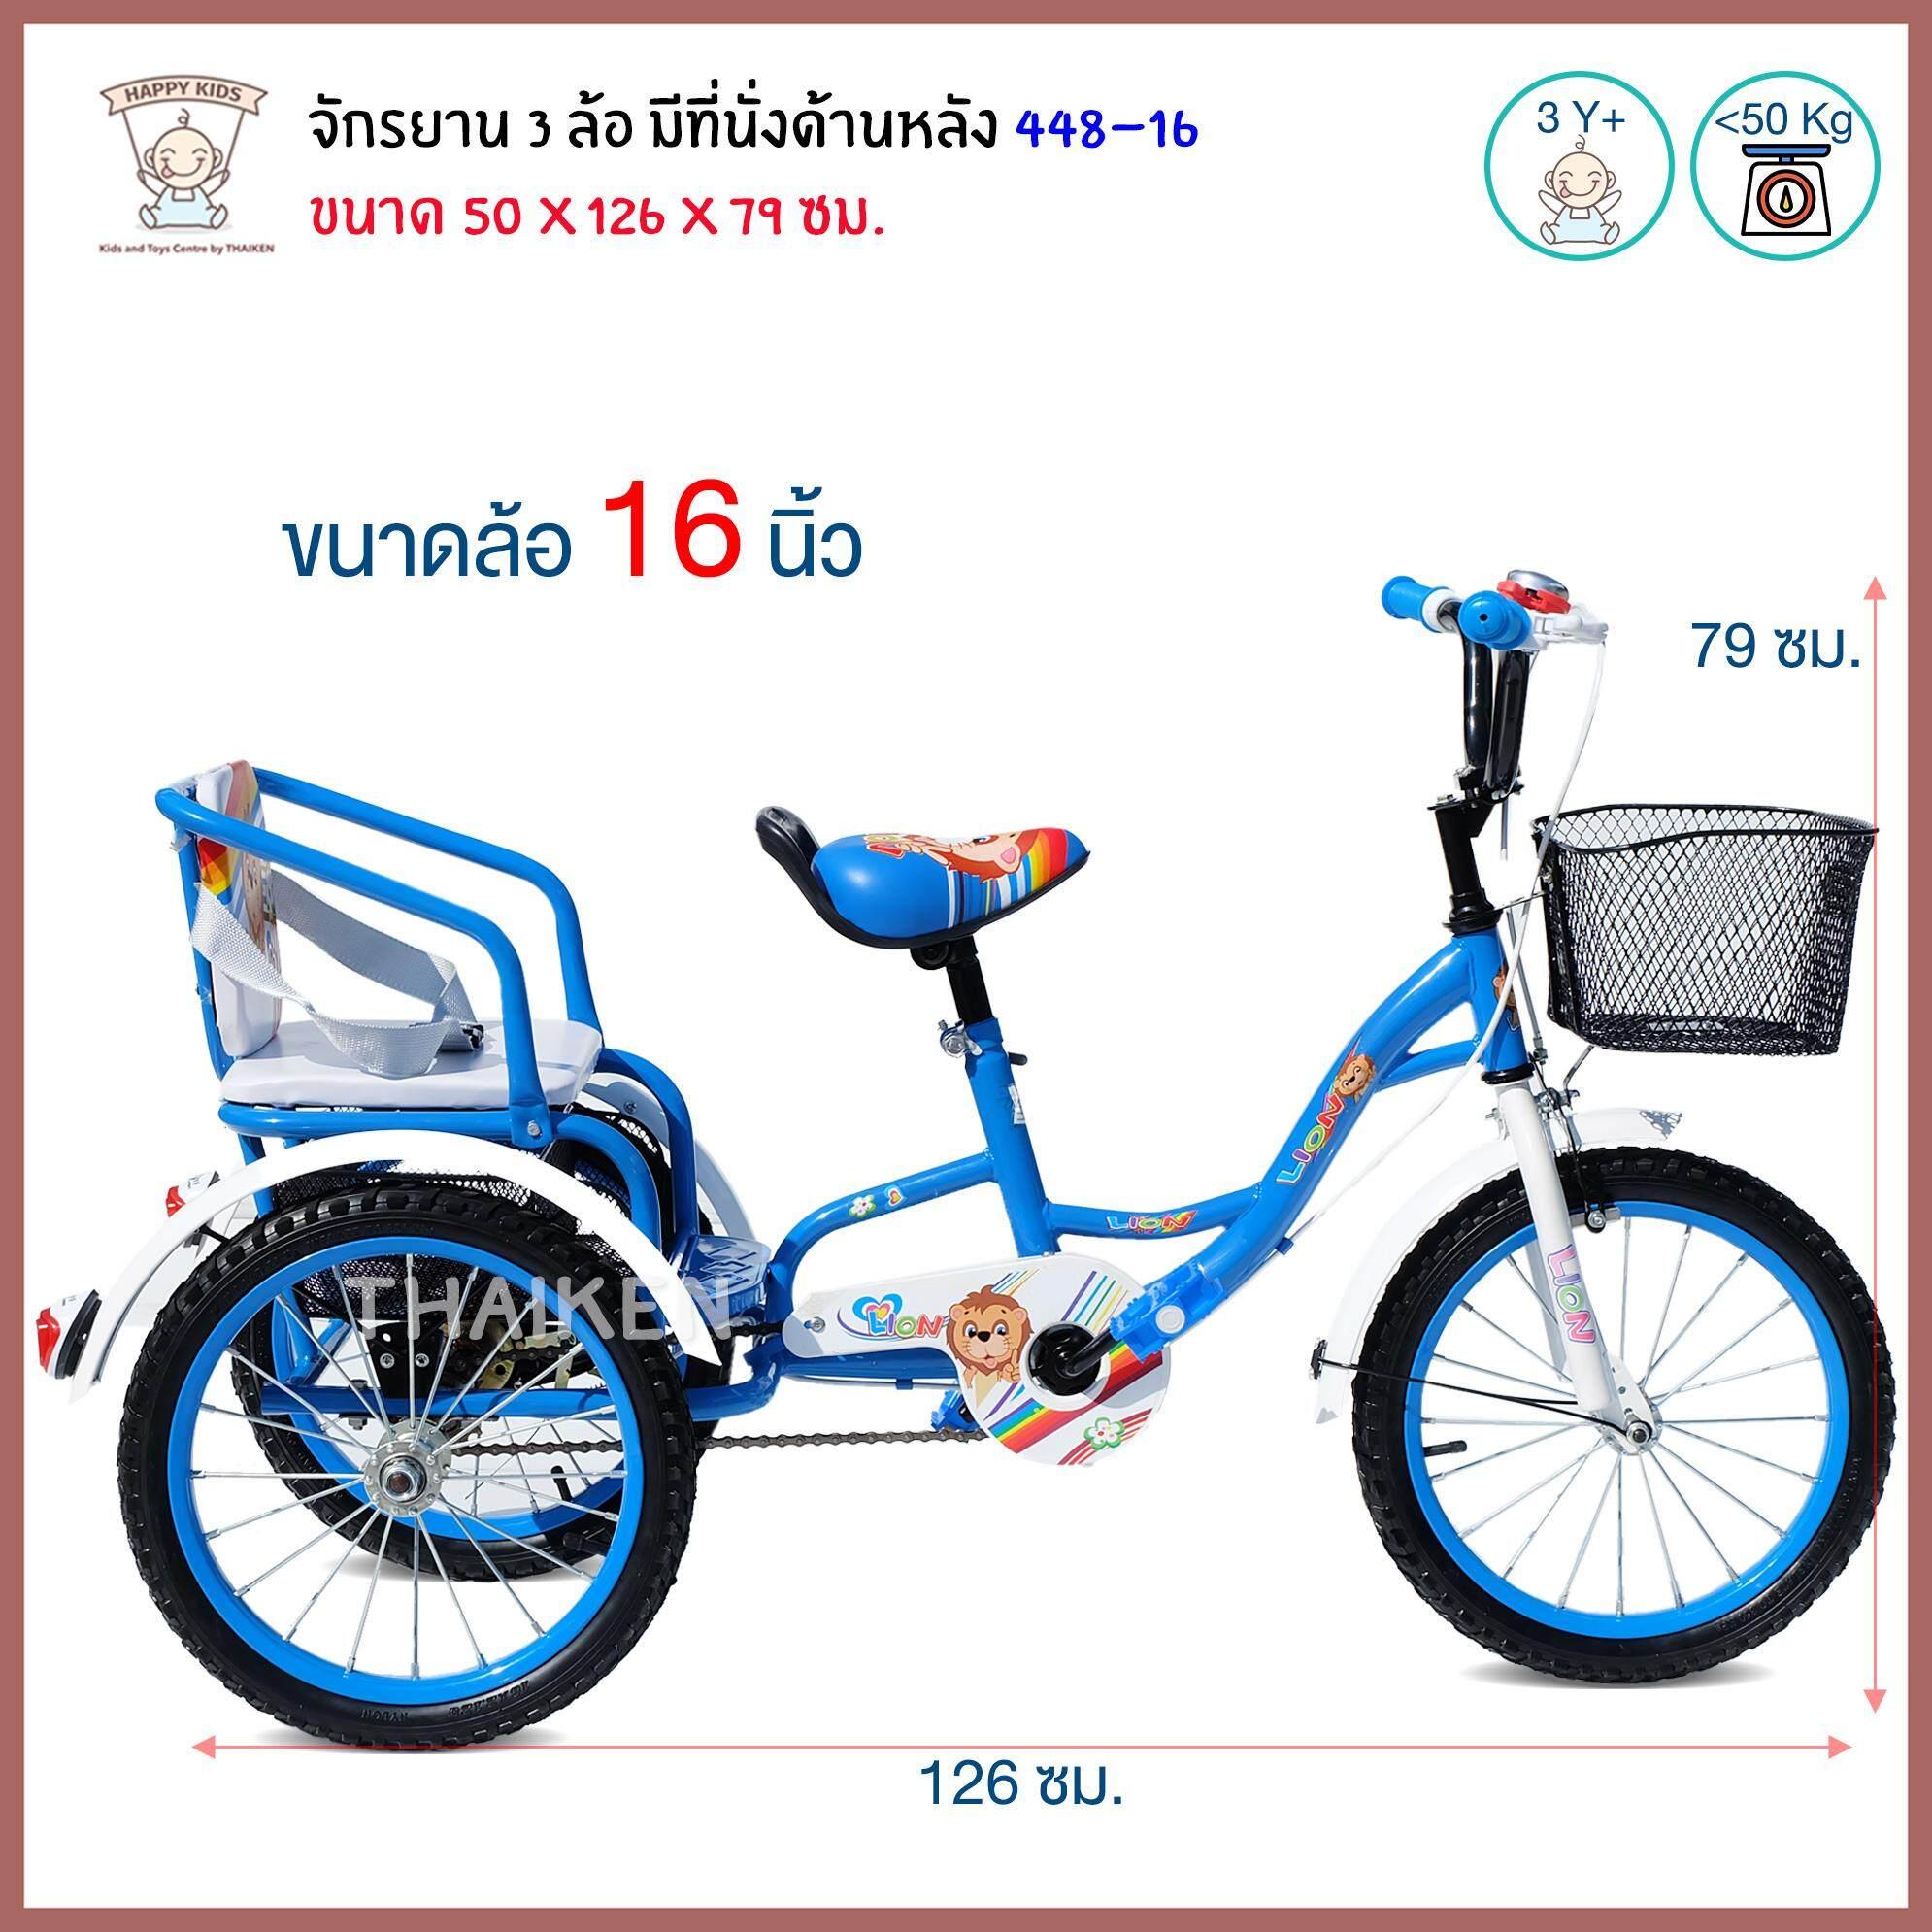 Thaiken จักรยานเด็ก 3 ล้อ มีที่นั่งด้านหลัง ลายสิงโต ล้อ 16 นิ้ว 448-16 By Thaiken.